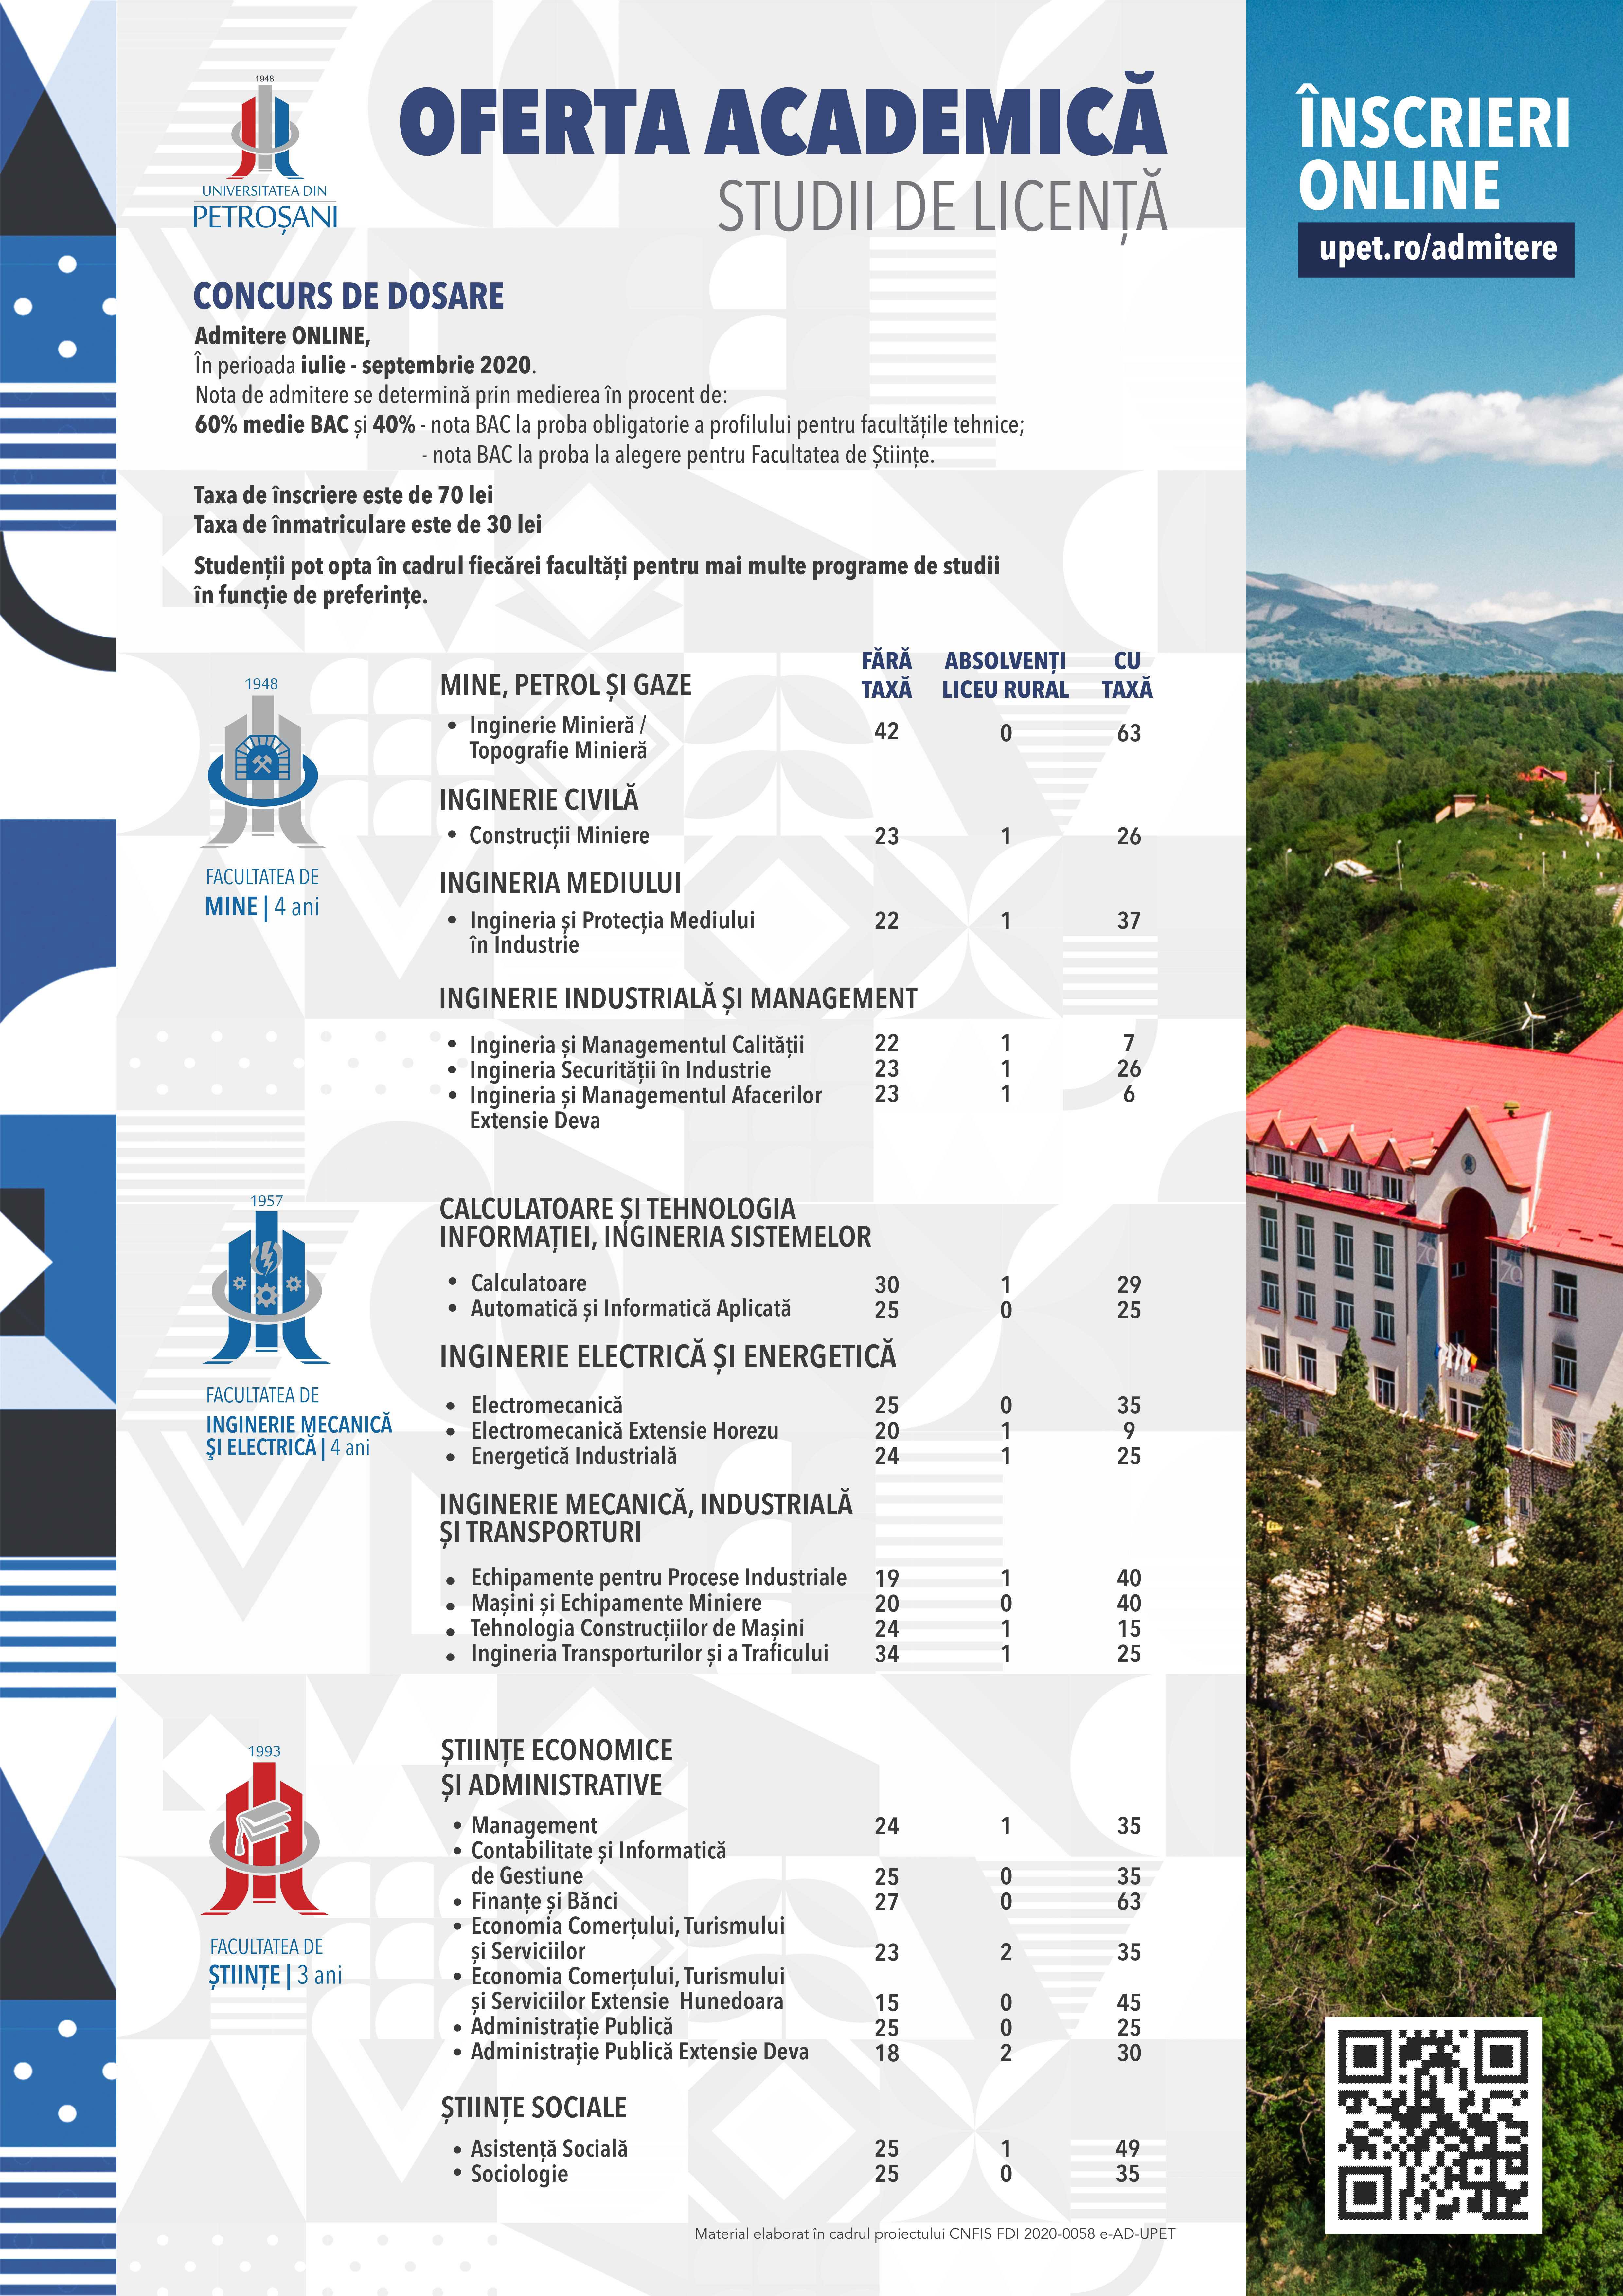 Oferta educațională a UPET ptr anul 2020